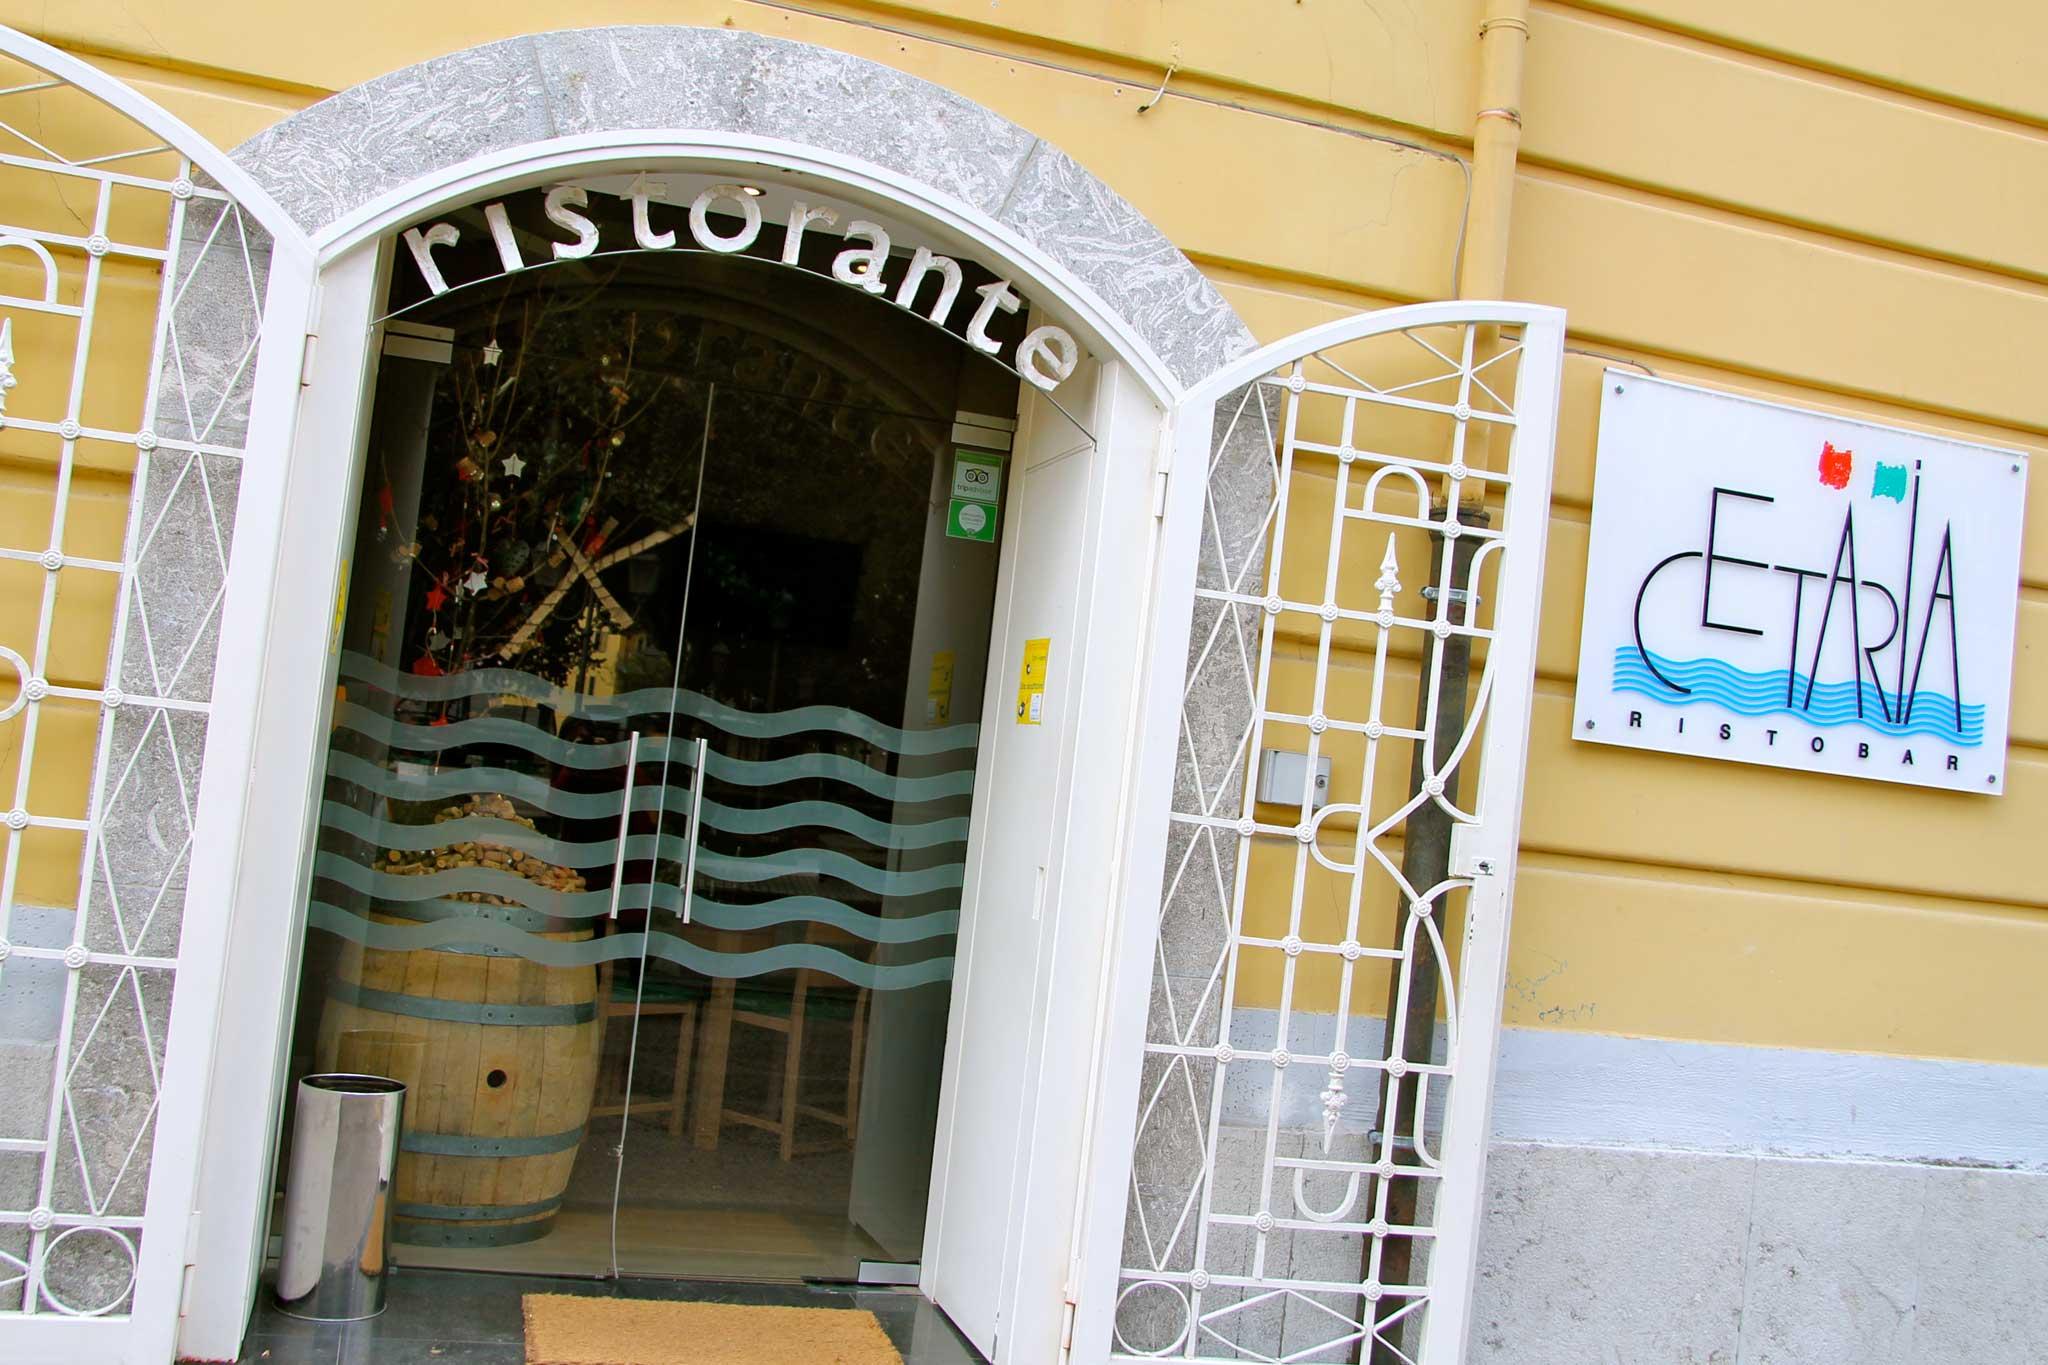 Cetaria ristorante Baronissi